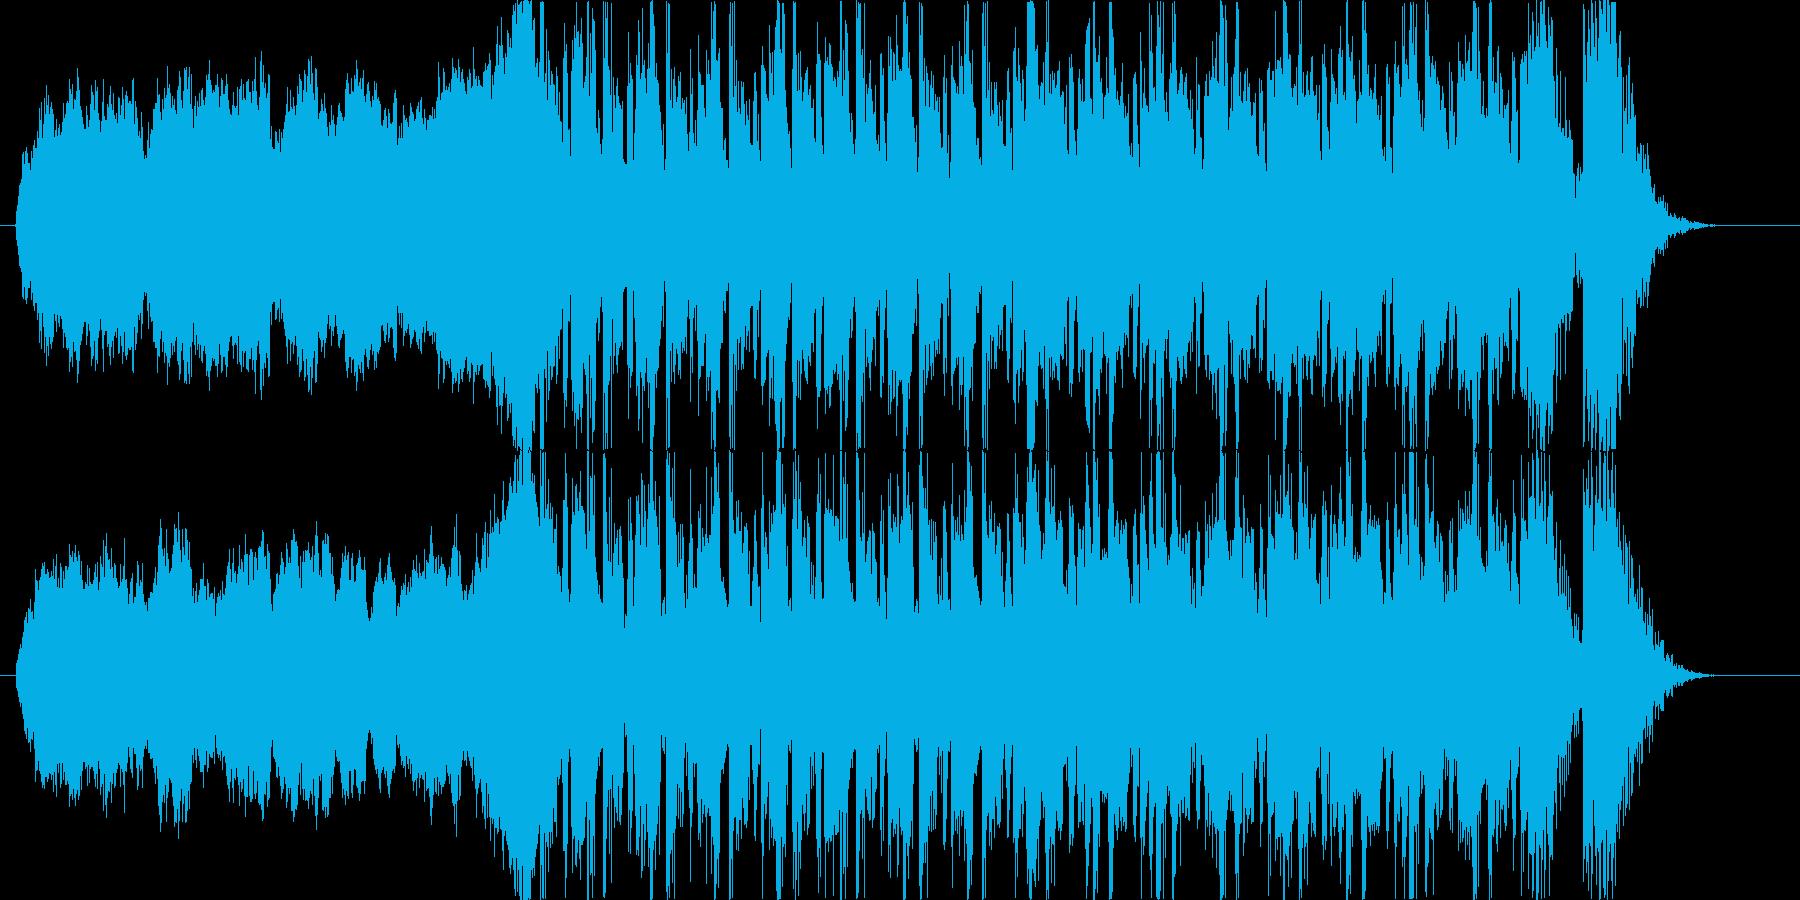 悲壮感 ドラマティック シネマティックの再生済みの波形